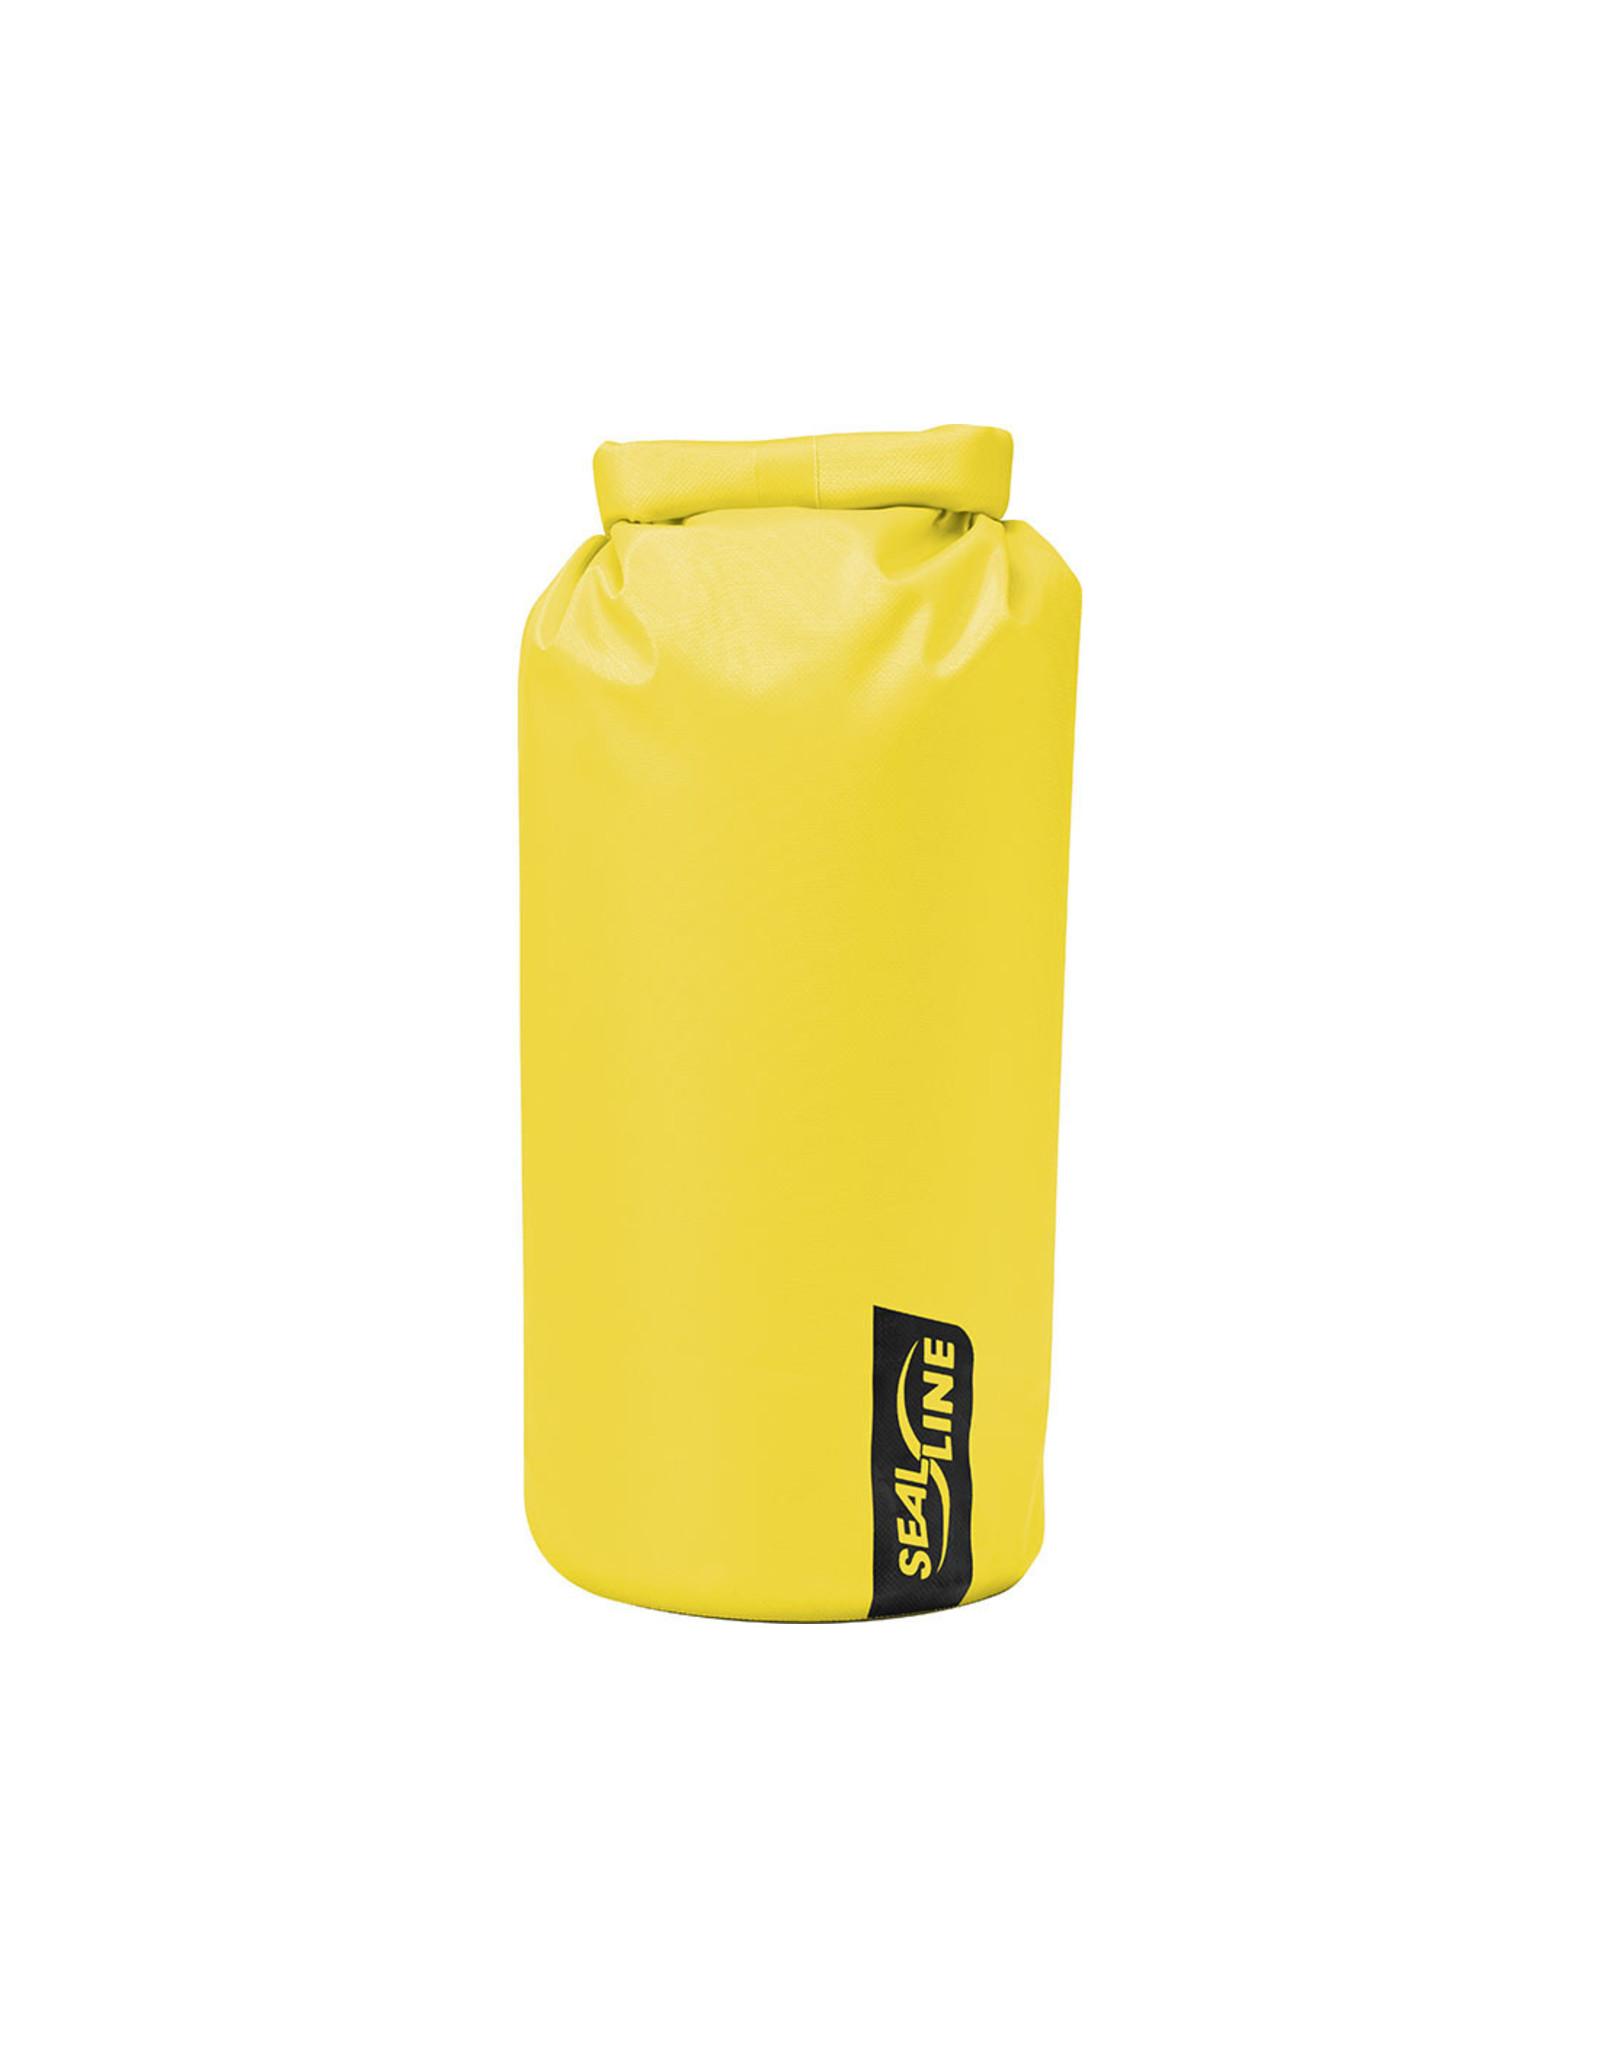 SealLine SealLine 10L Baja Dry Bag